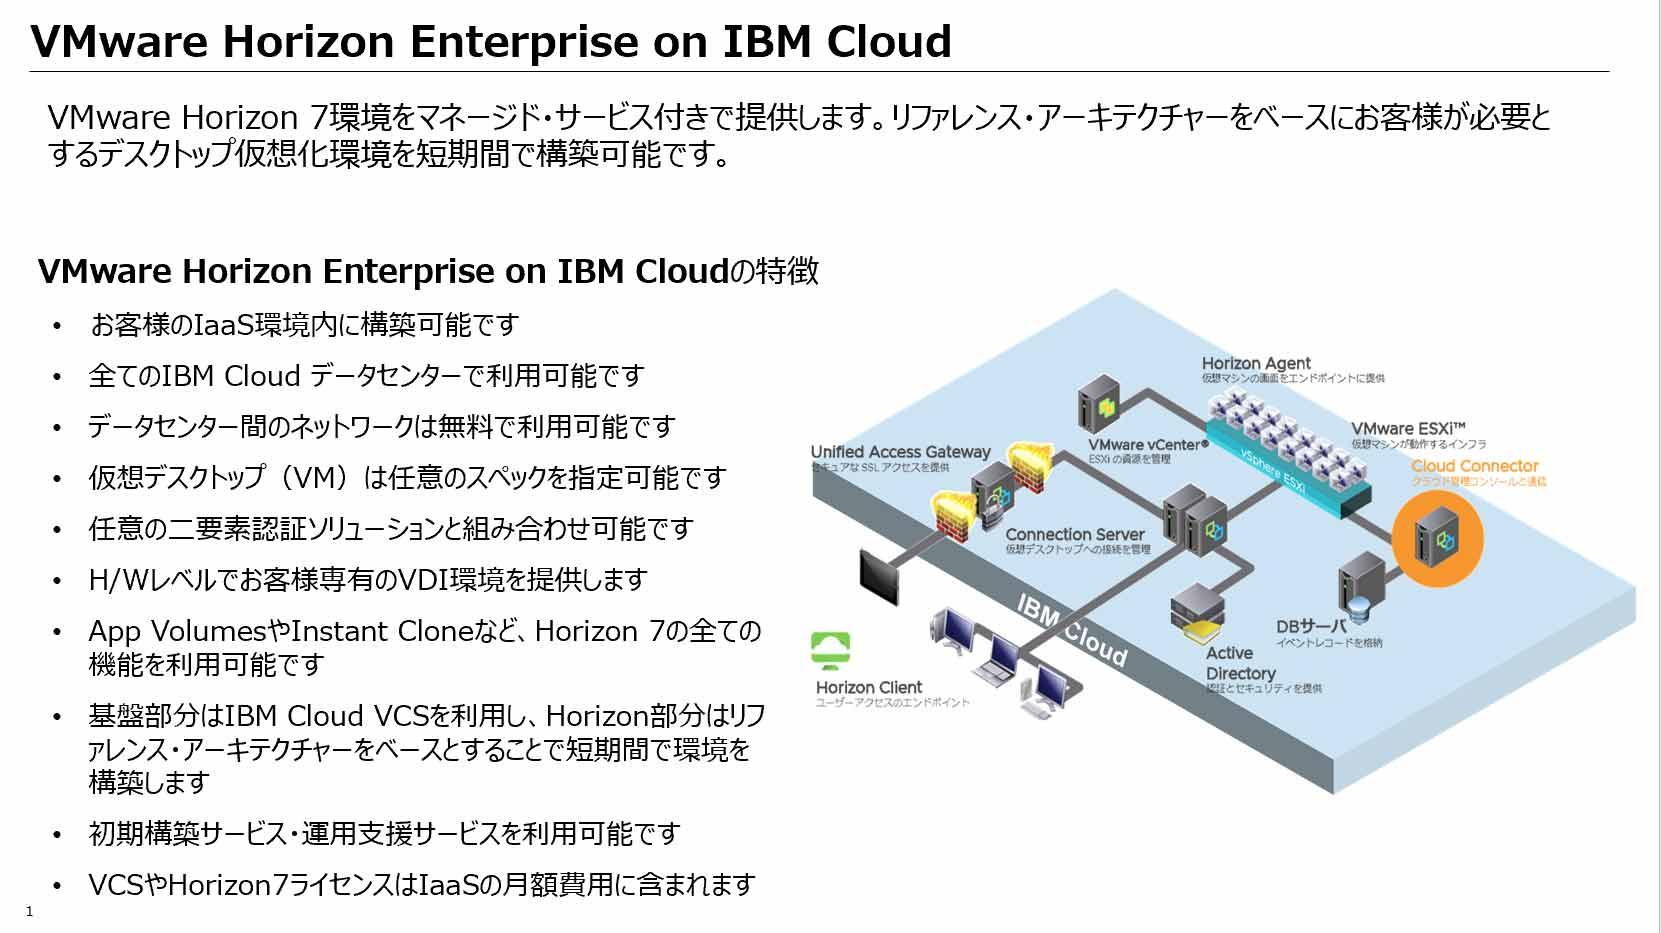 VMware Horizon Enterprise on IBM Cloud